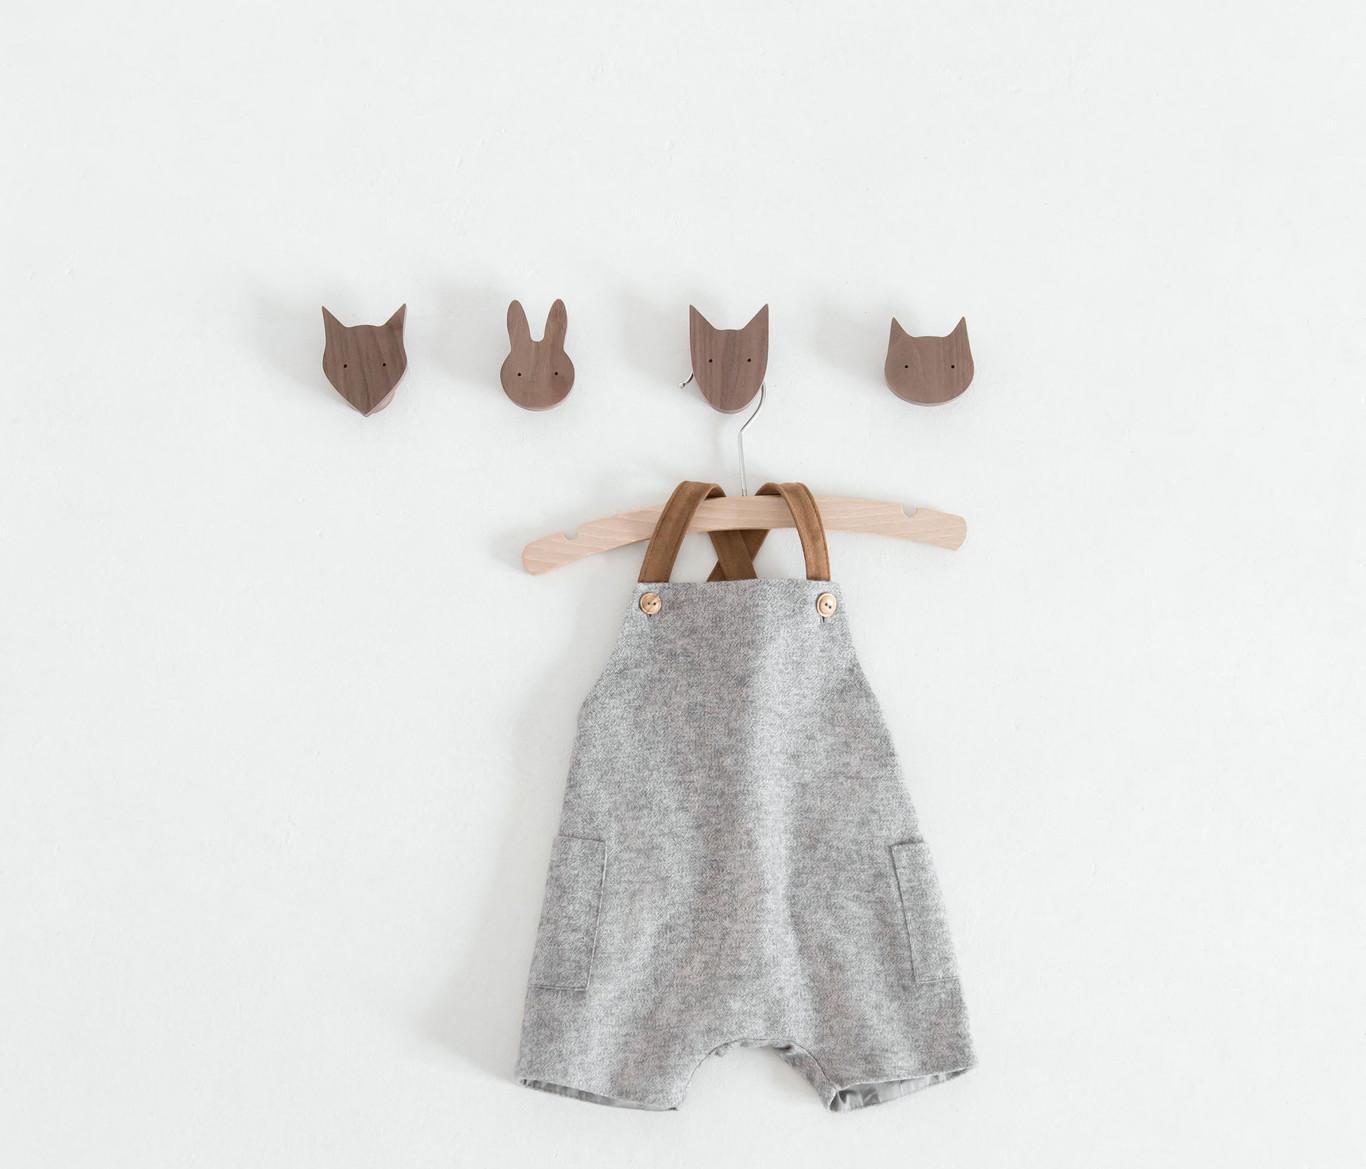 44b882bc9 Cómo elegir la talla de la ropa de los niños correctamente